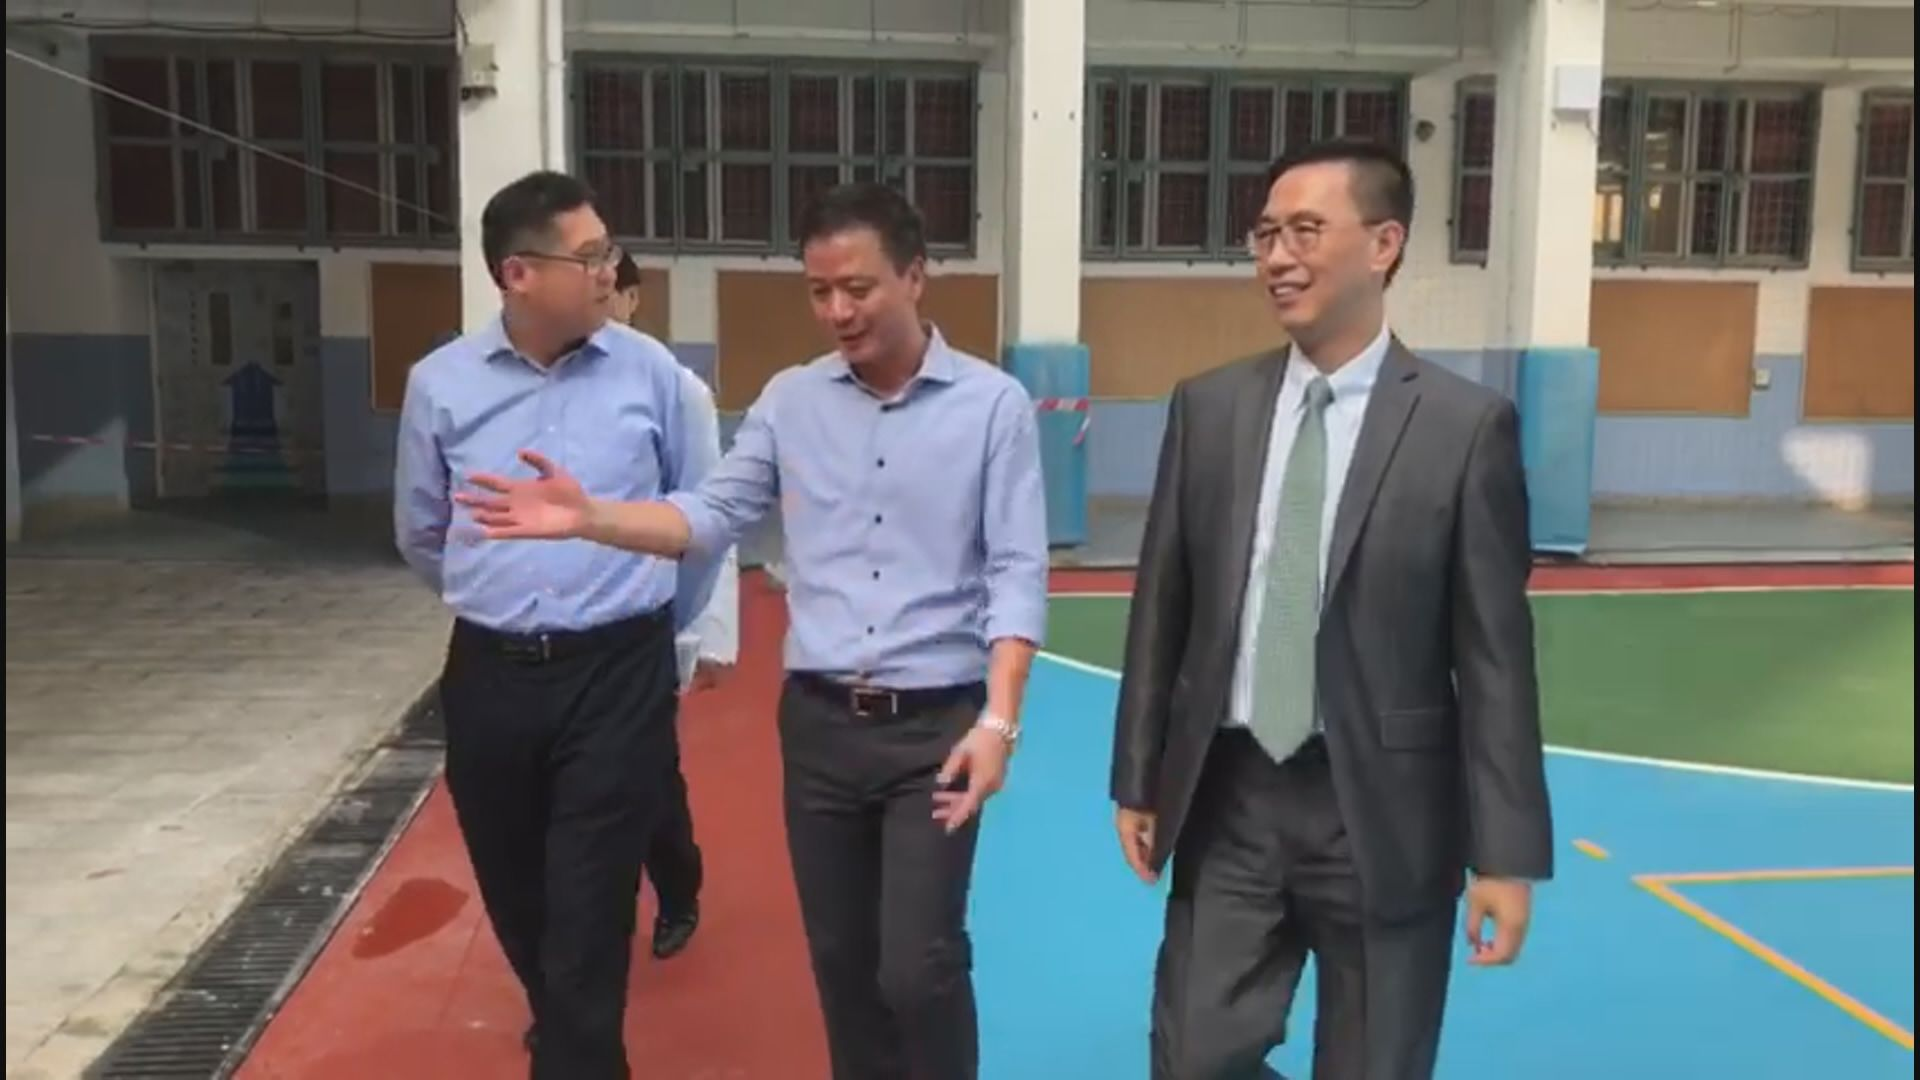 楊潤雄到黃埔視察學校的修復進度